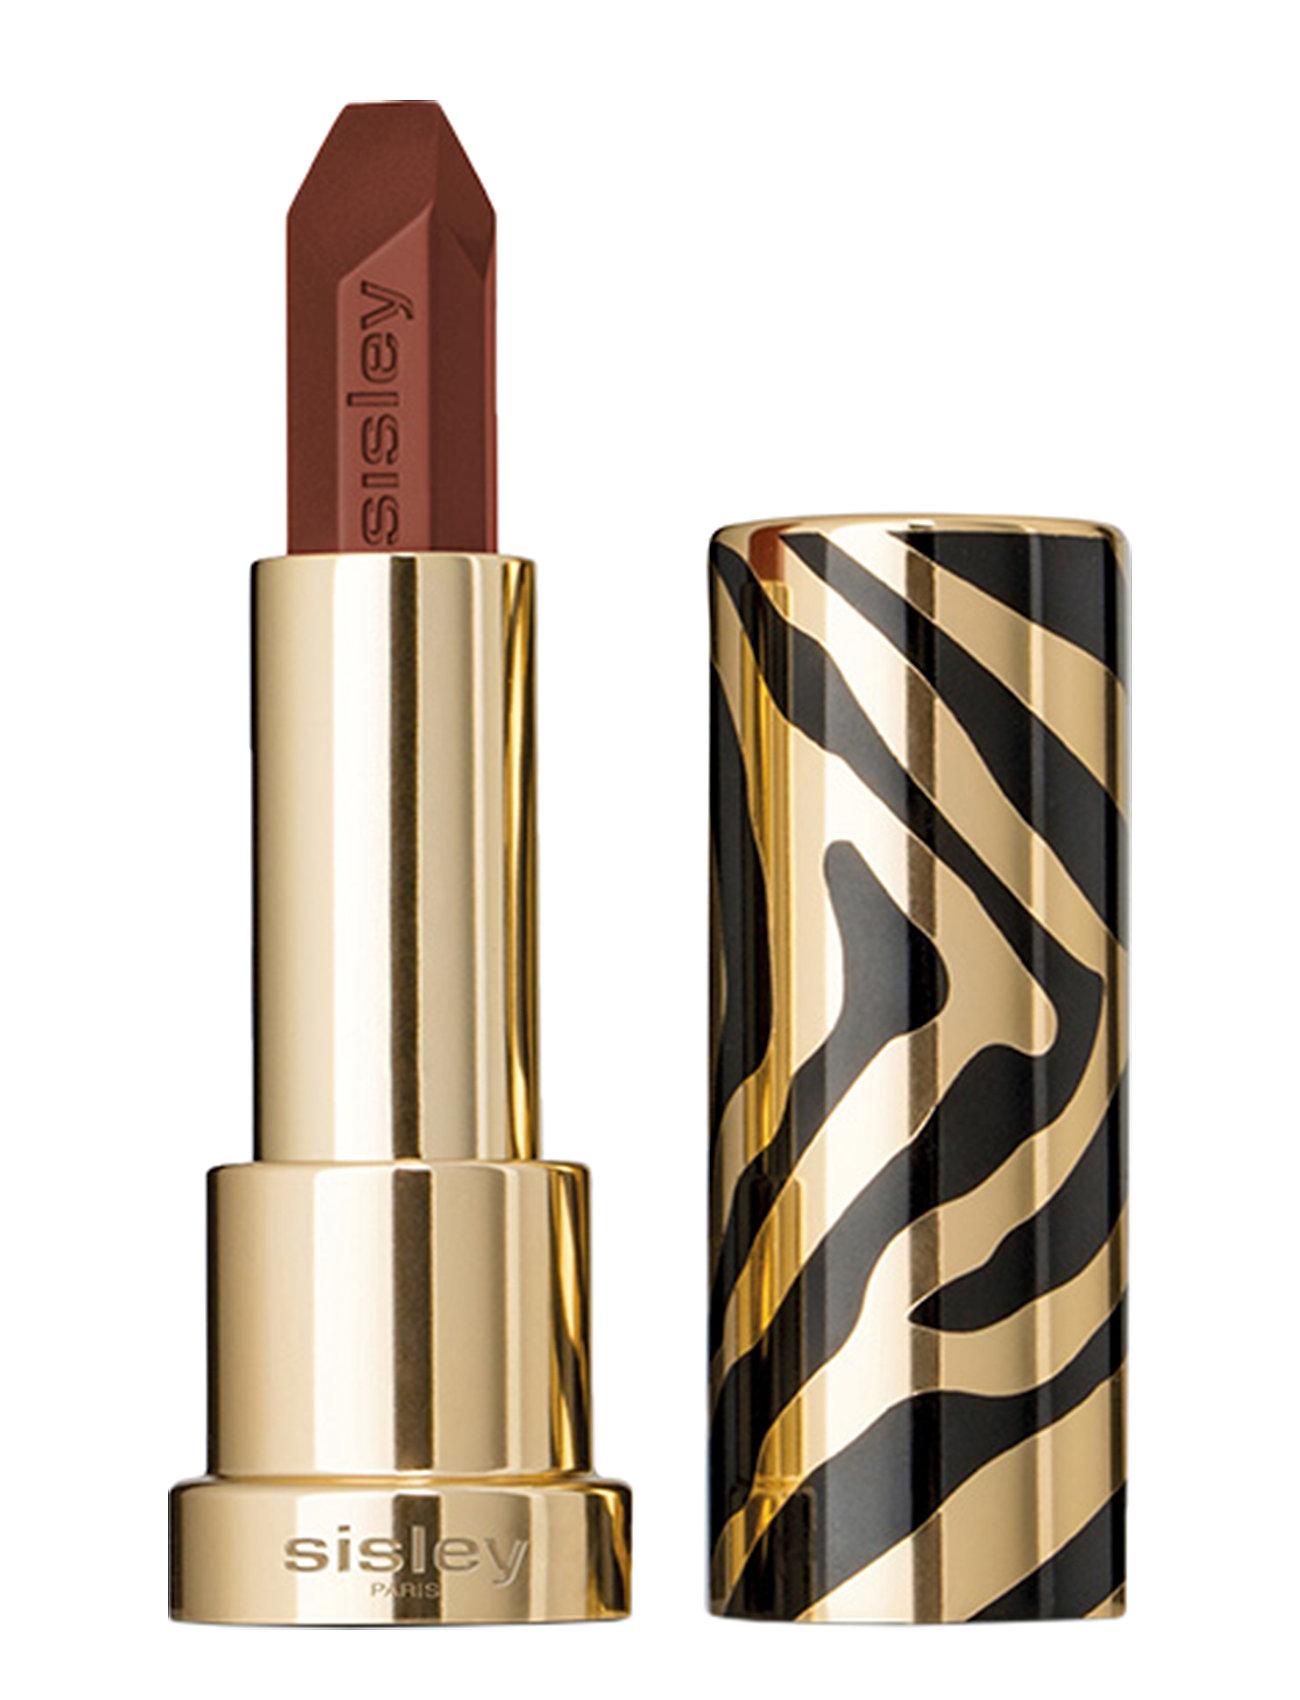 Image of Le Phyto Rouge 13 - Beige Eldorado Læbestift Makeup Beige Sisley (3075388505)